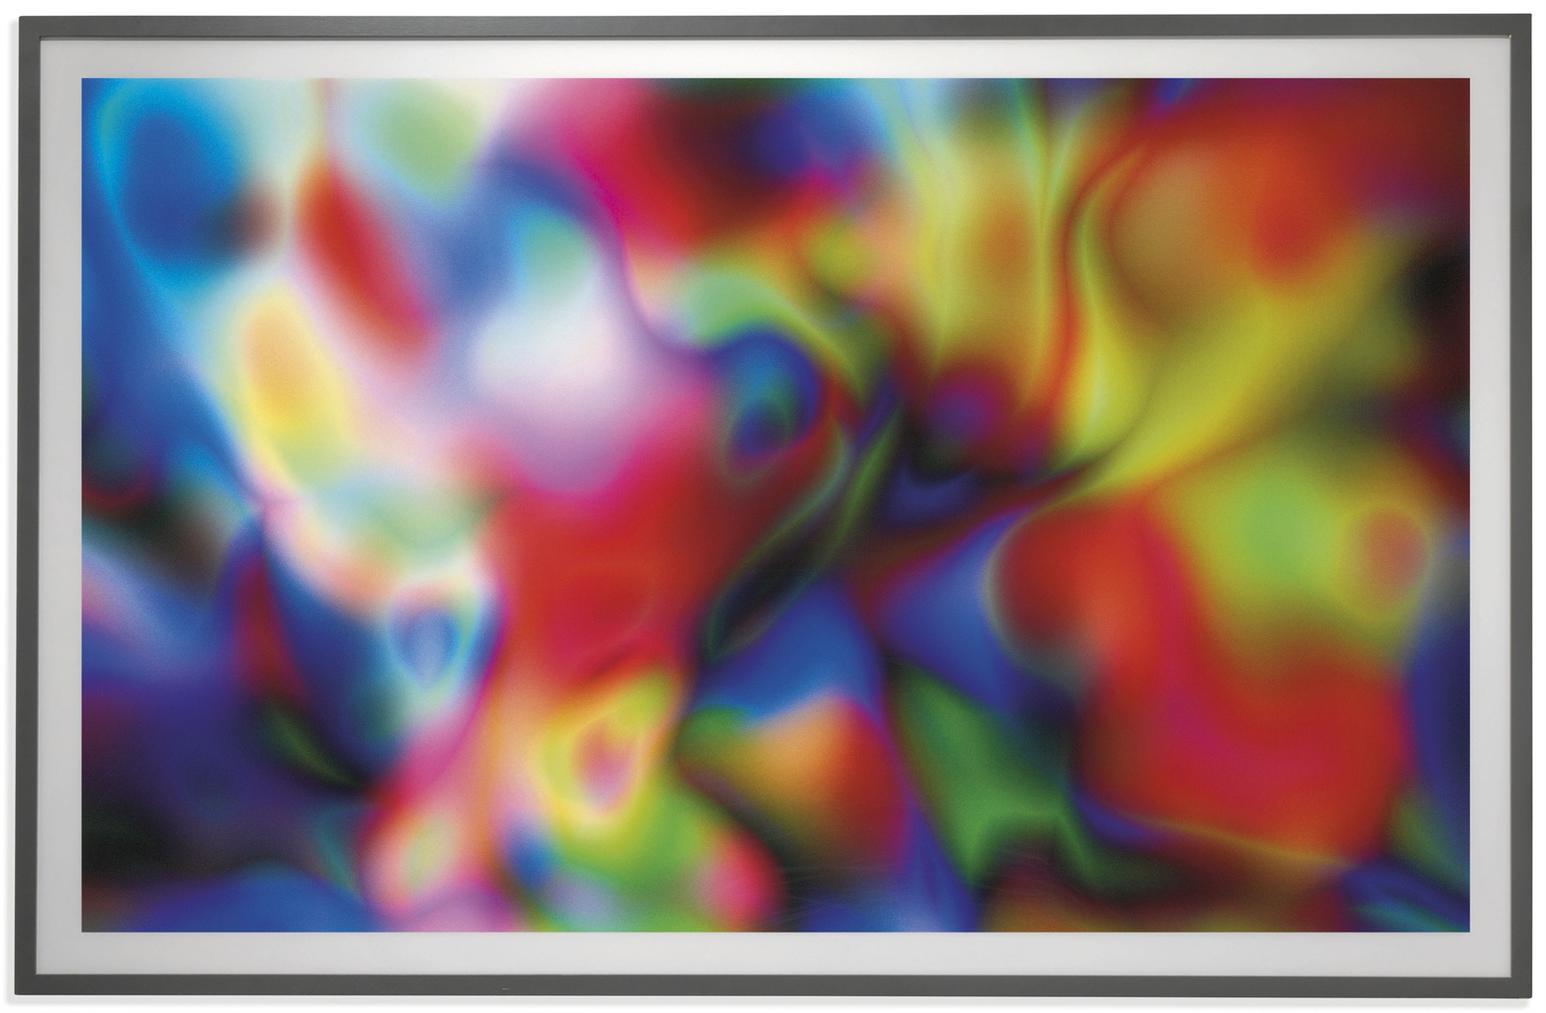 Thomas Ruff-Substrat 27 III-2005